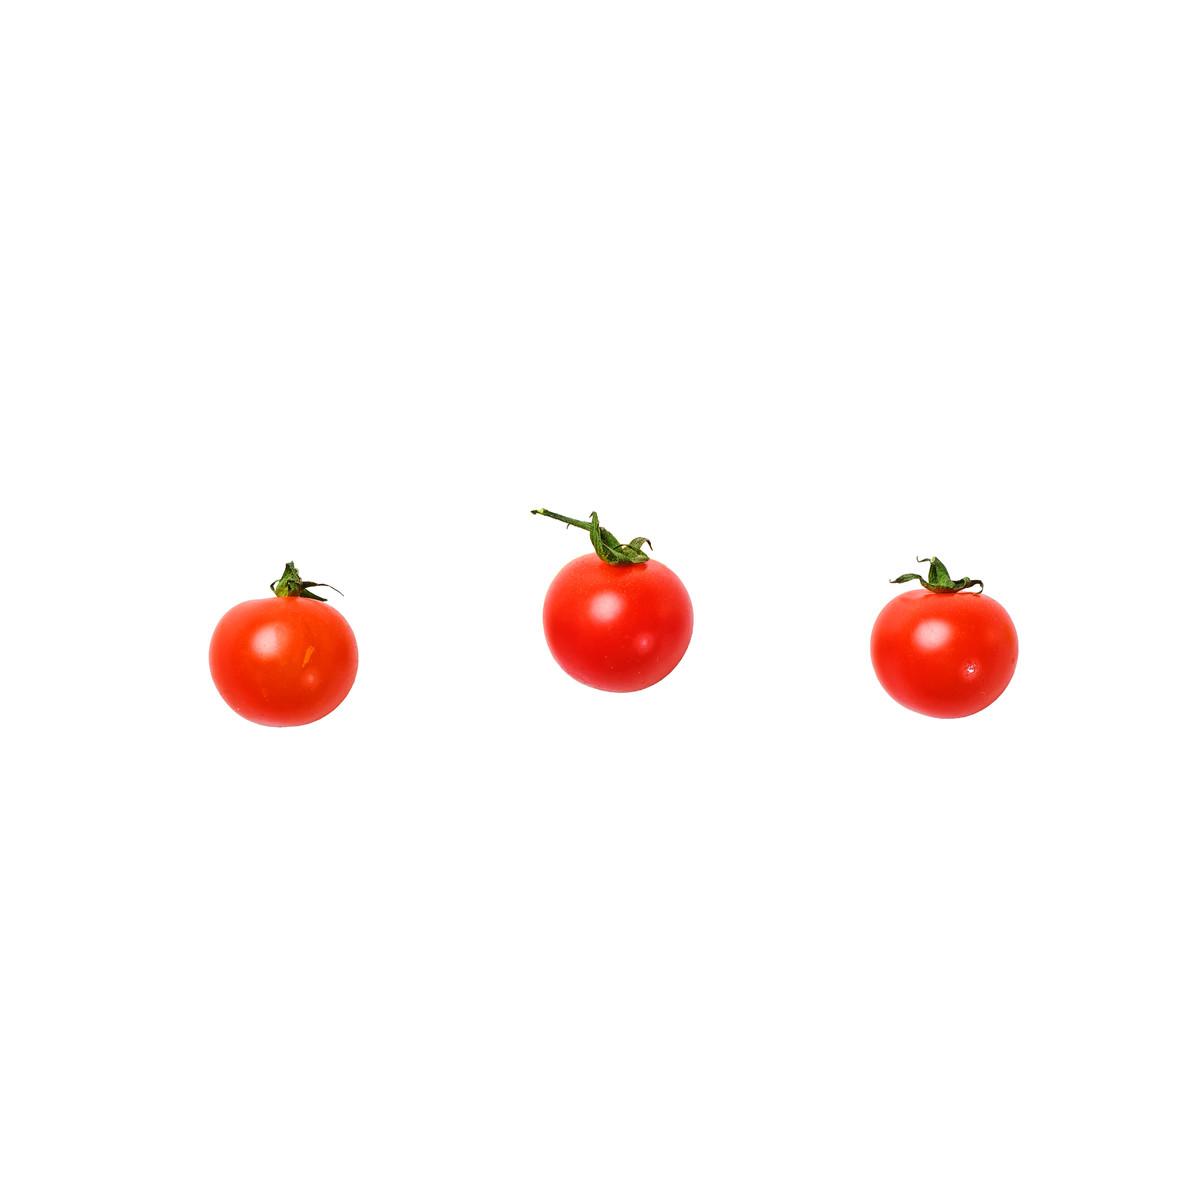 20200228_Gemüse:Obst_Freisteller_24.jpg